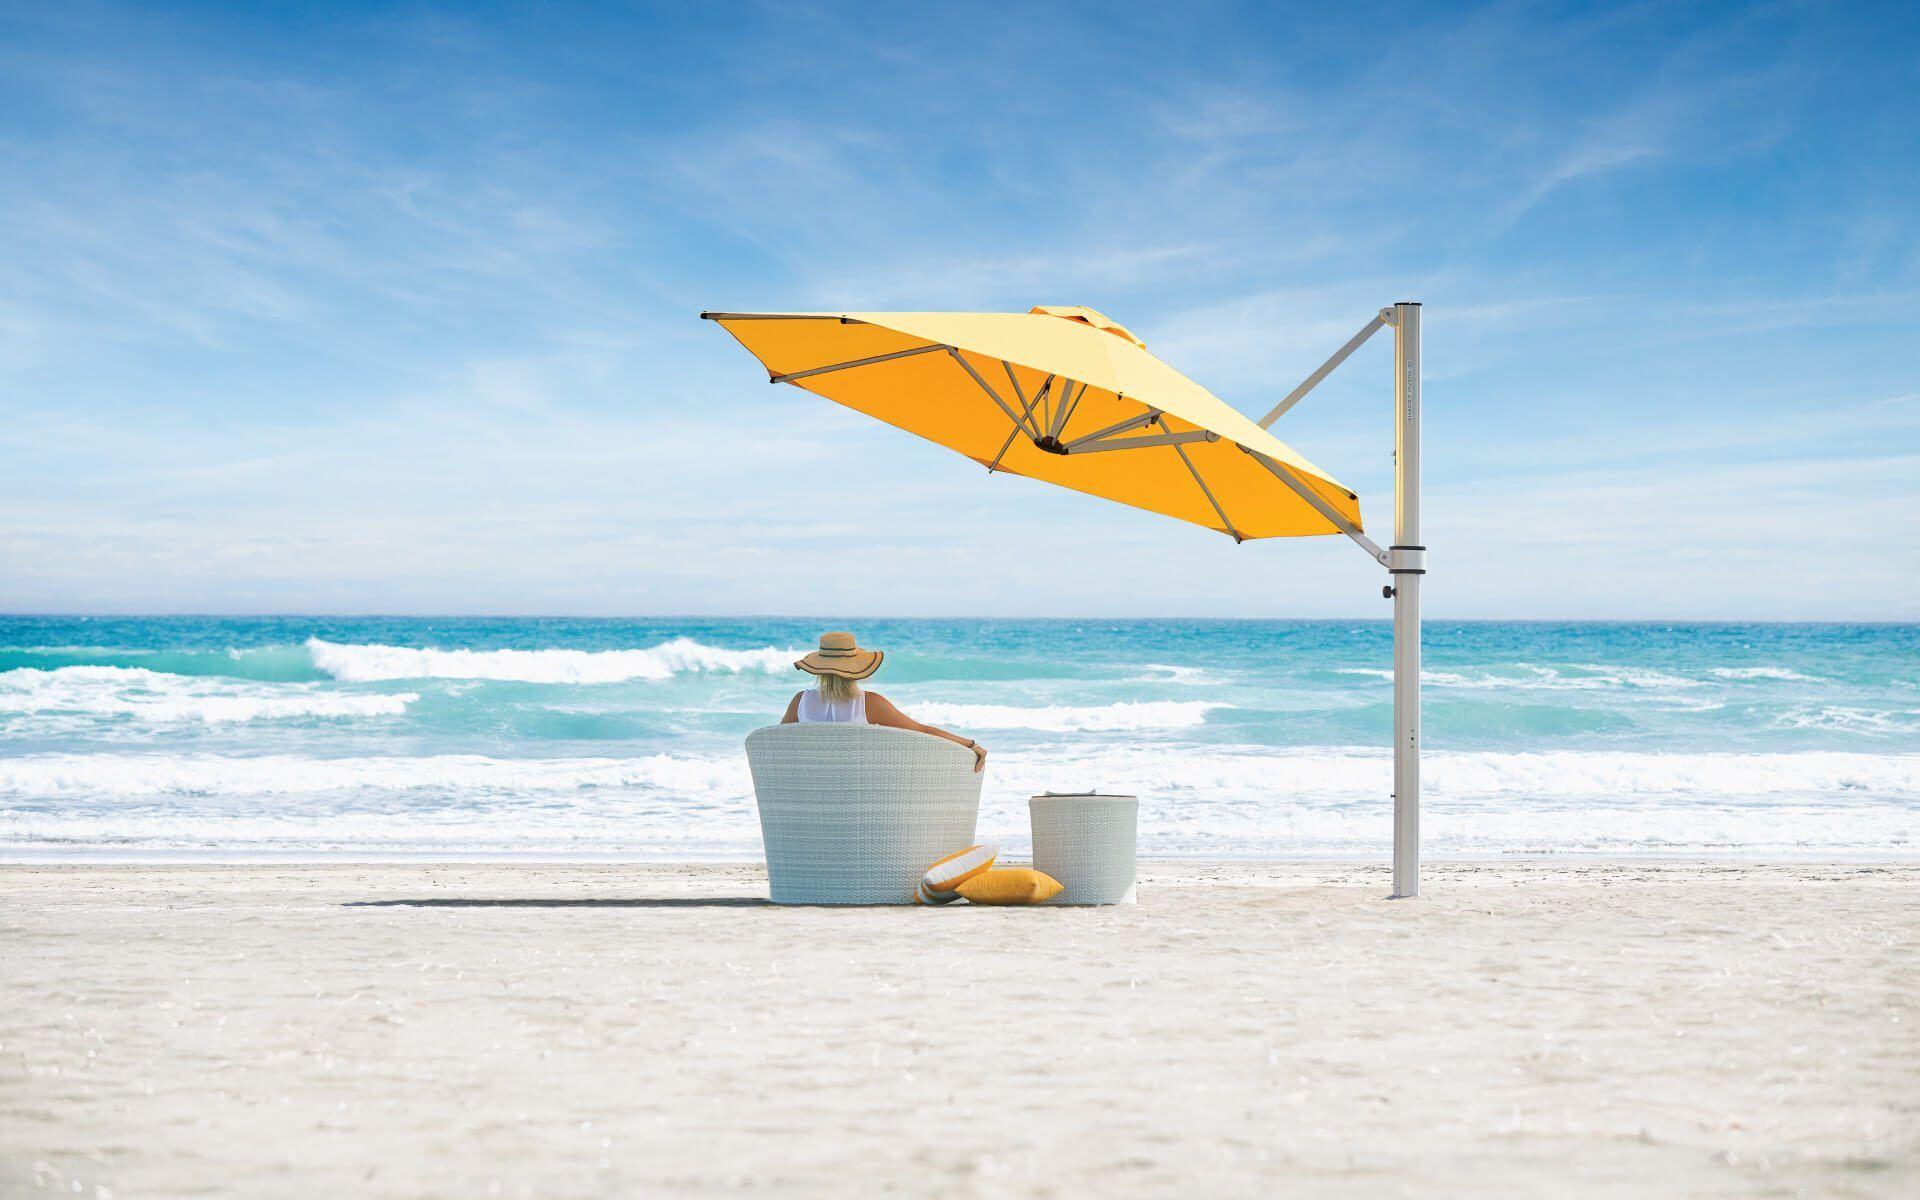 Riviera Cantilever Umbrella NZ